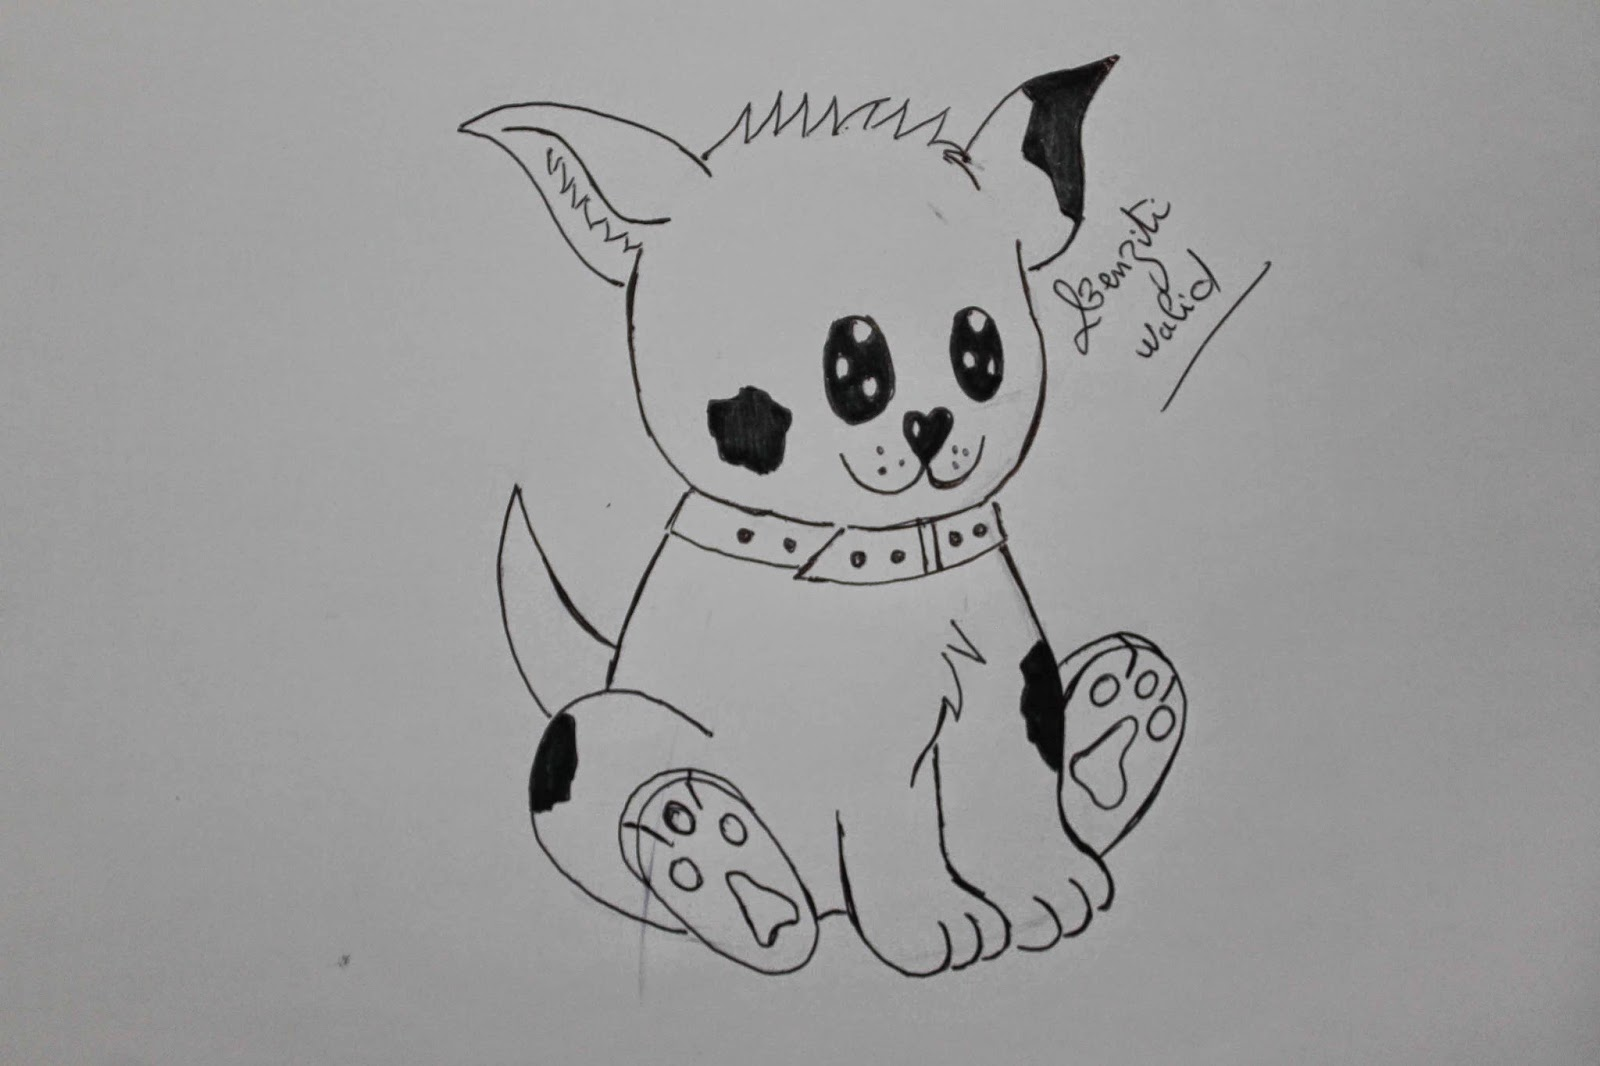 Comment dessiner un chien mignon facile mes dessins - Apprendre a dessiner des animaux mignon ...